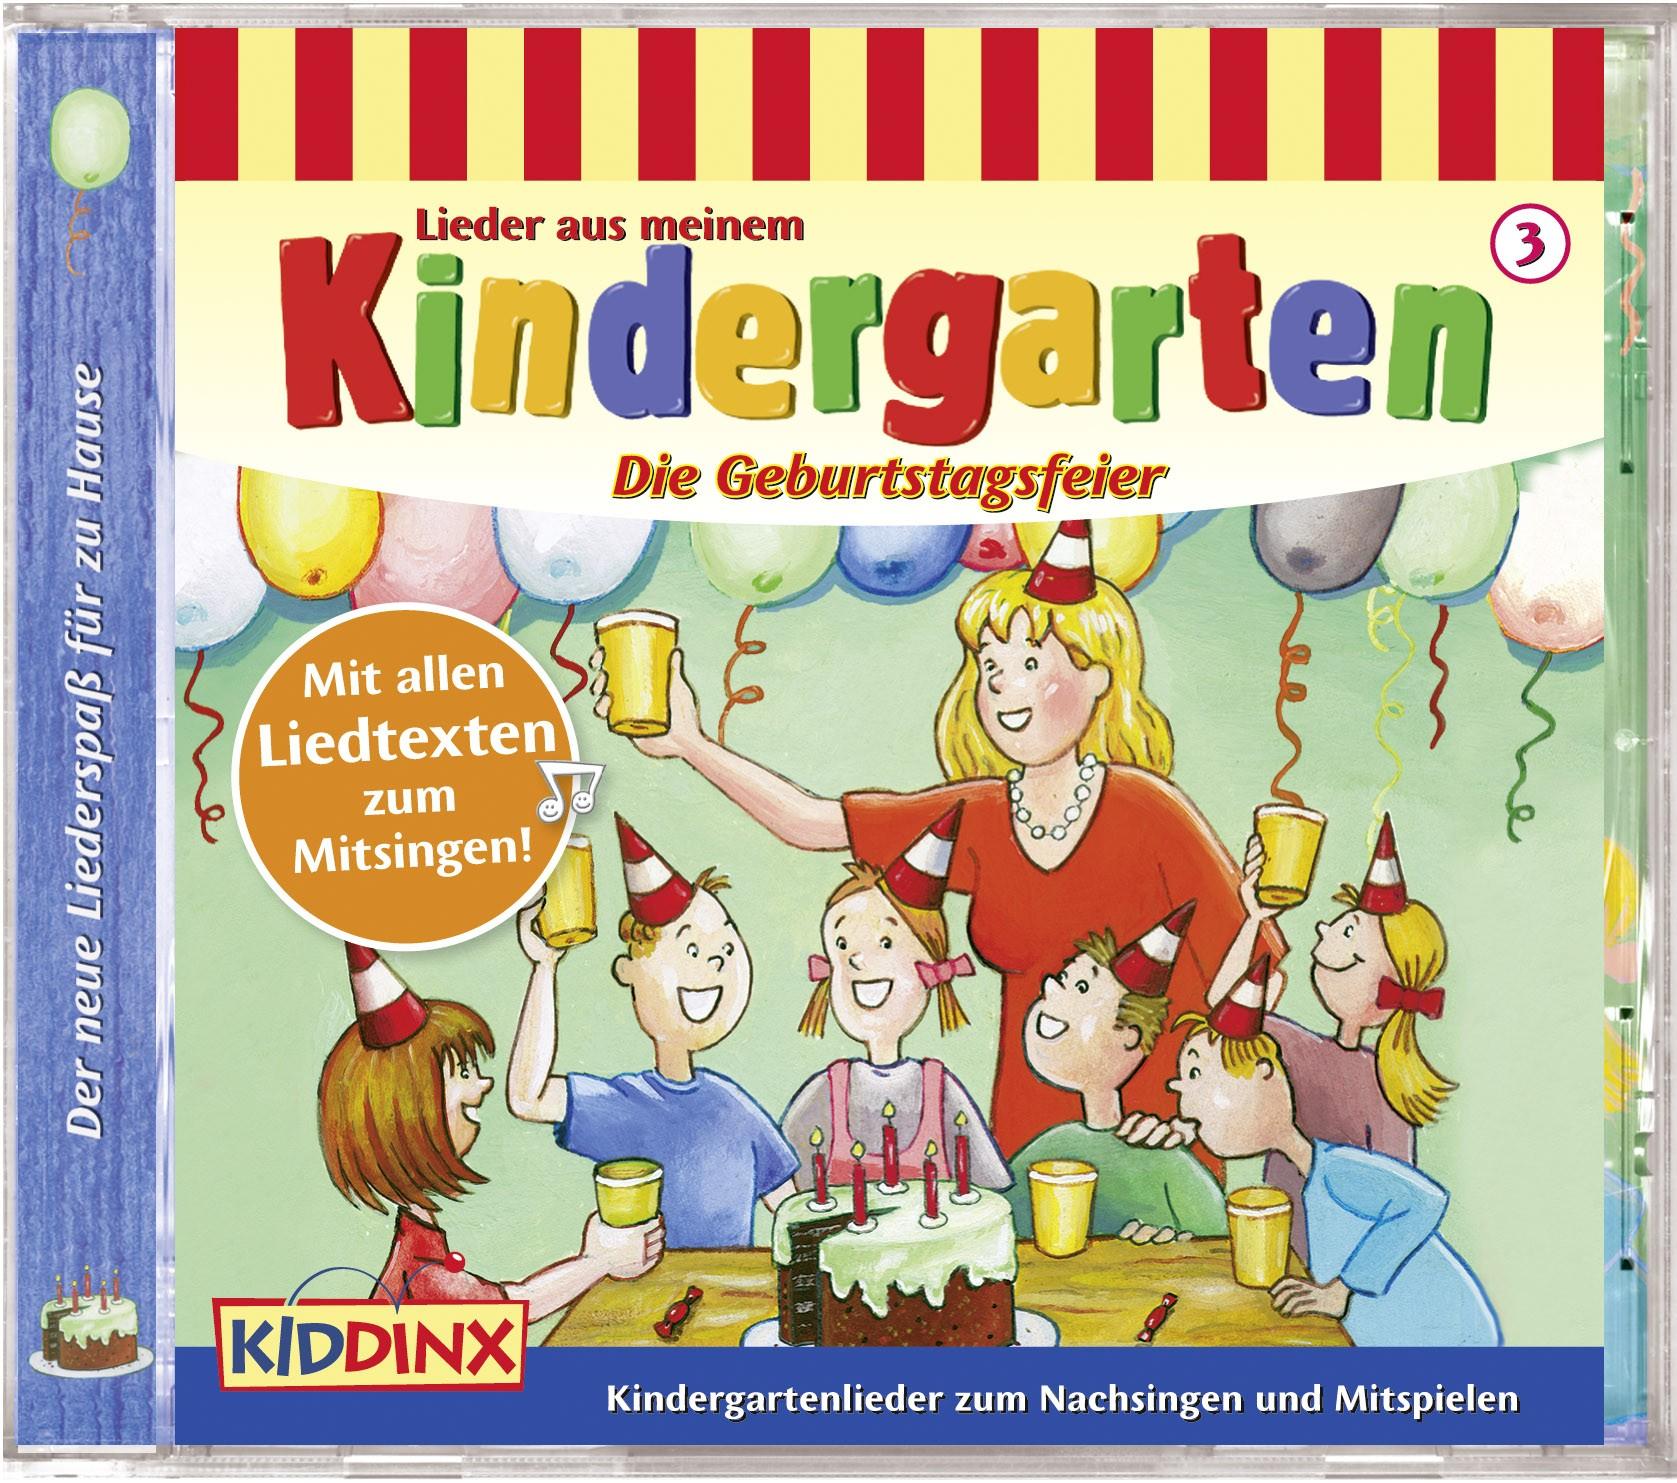 Lieder aus meinem Kindergarten: Die Geburtstagsfeier (Folge 3)